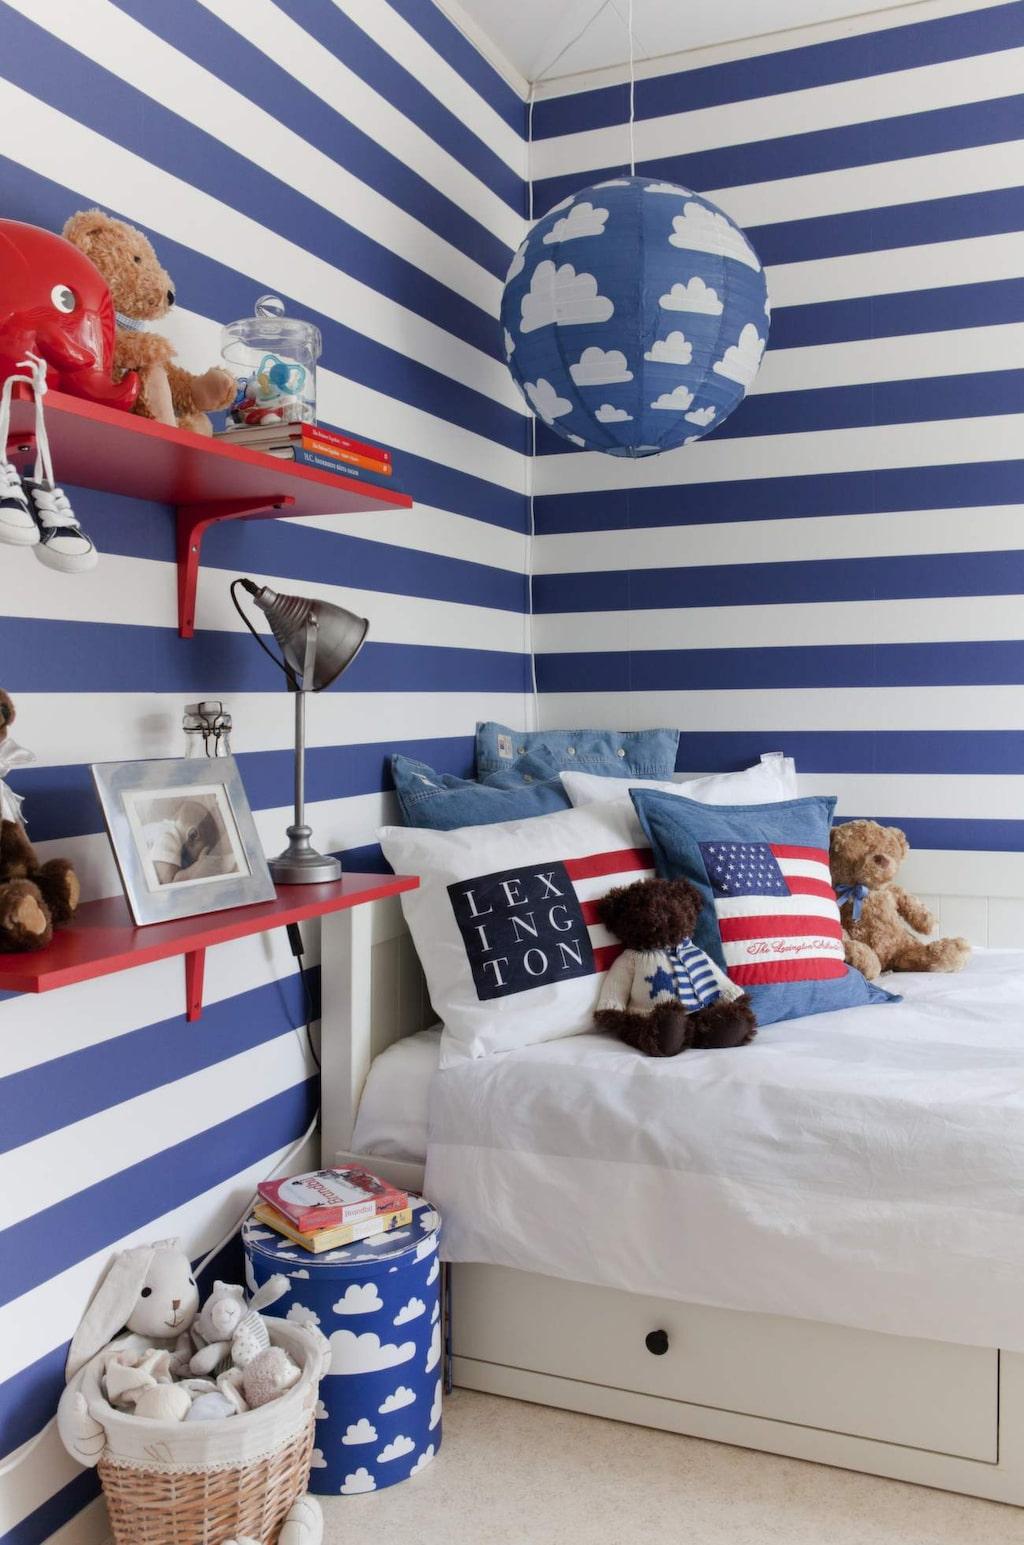 <p>Älskade ränder. Mysig sänghörna med kuddar från Lexington, förvaringsbox och lampa med moln från Färg &amp; form. Röda vägghyllor från Ikea.</p>